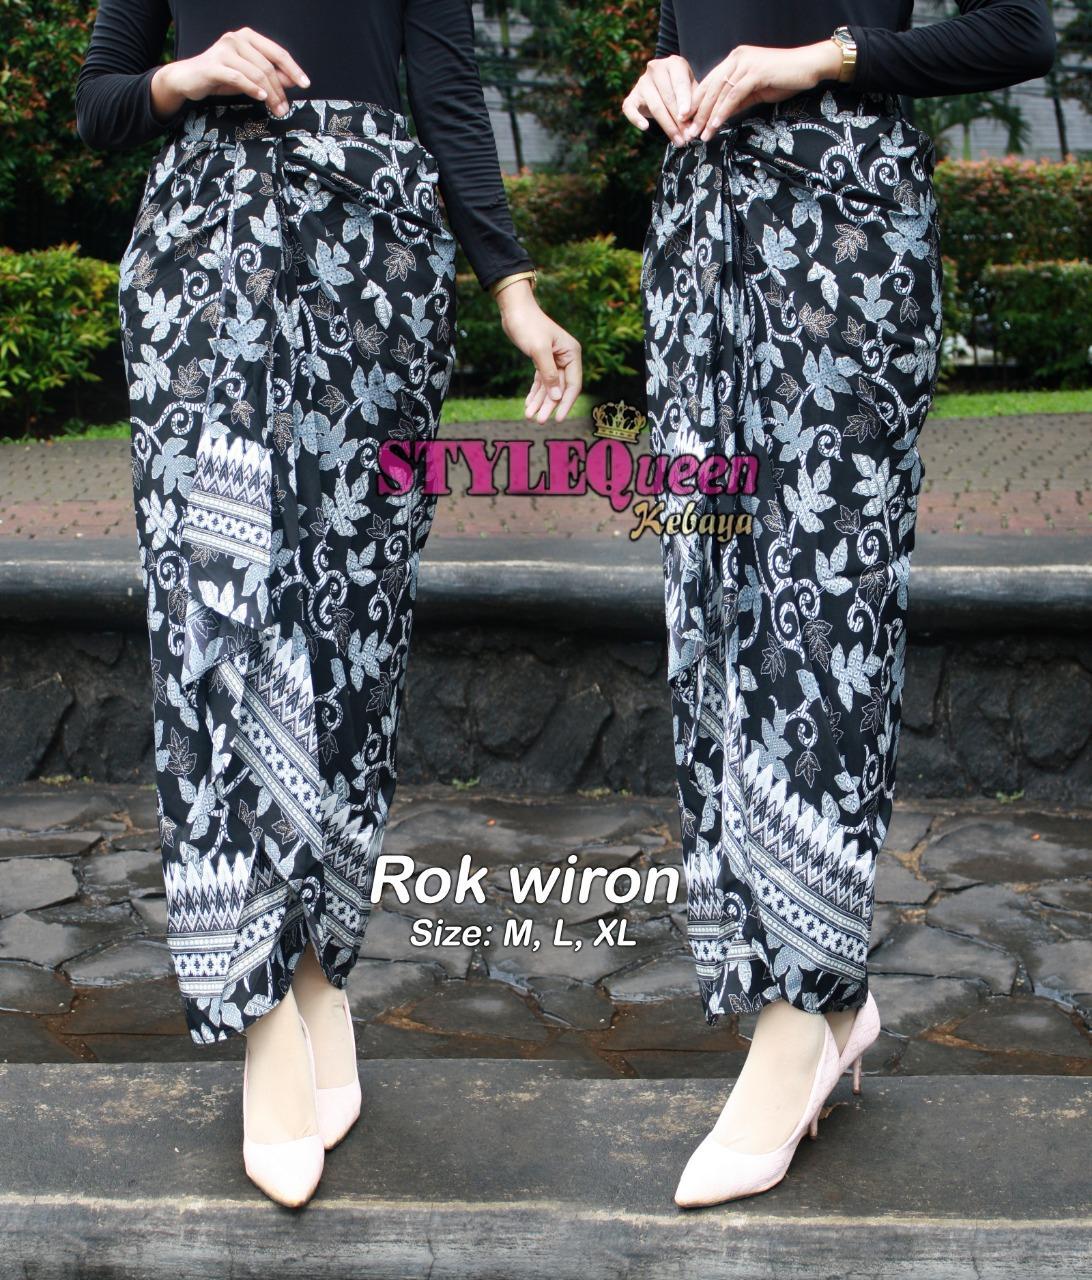 Rok Lilit Batik Wanita Long Skirt 1 Ukuran All Size Besar Kecil Bisa Pake Fit To Xxxl